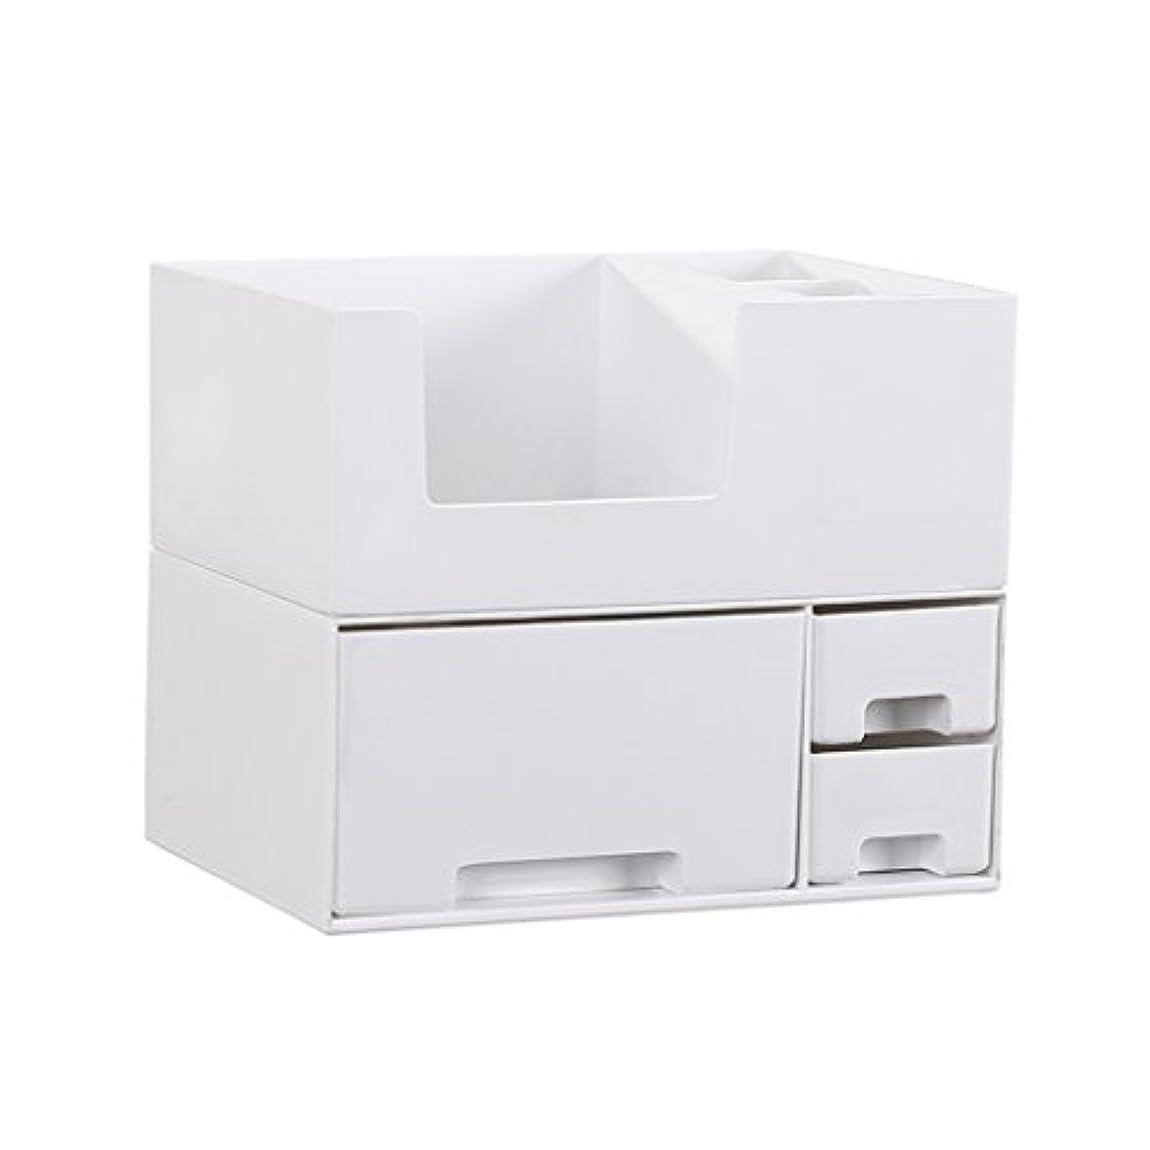 封建アドバンテージはがきデスクトップ化粧品収納ボックス、スキンケア製品、フェイシャルマスク、ジュエリー、収納ラック、白い2階建て多目的収納ボックス